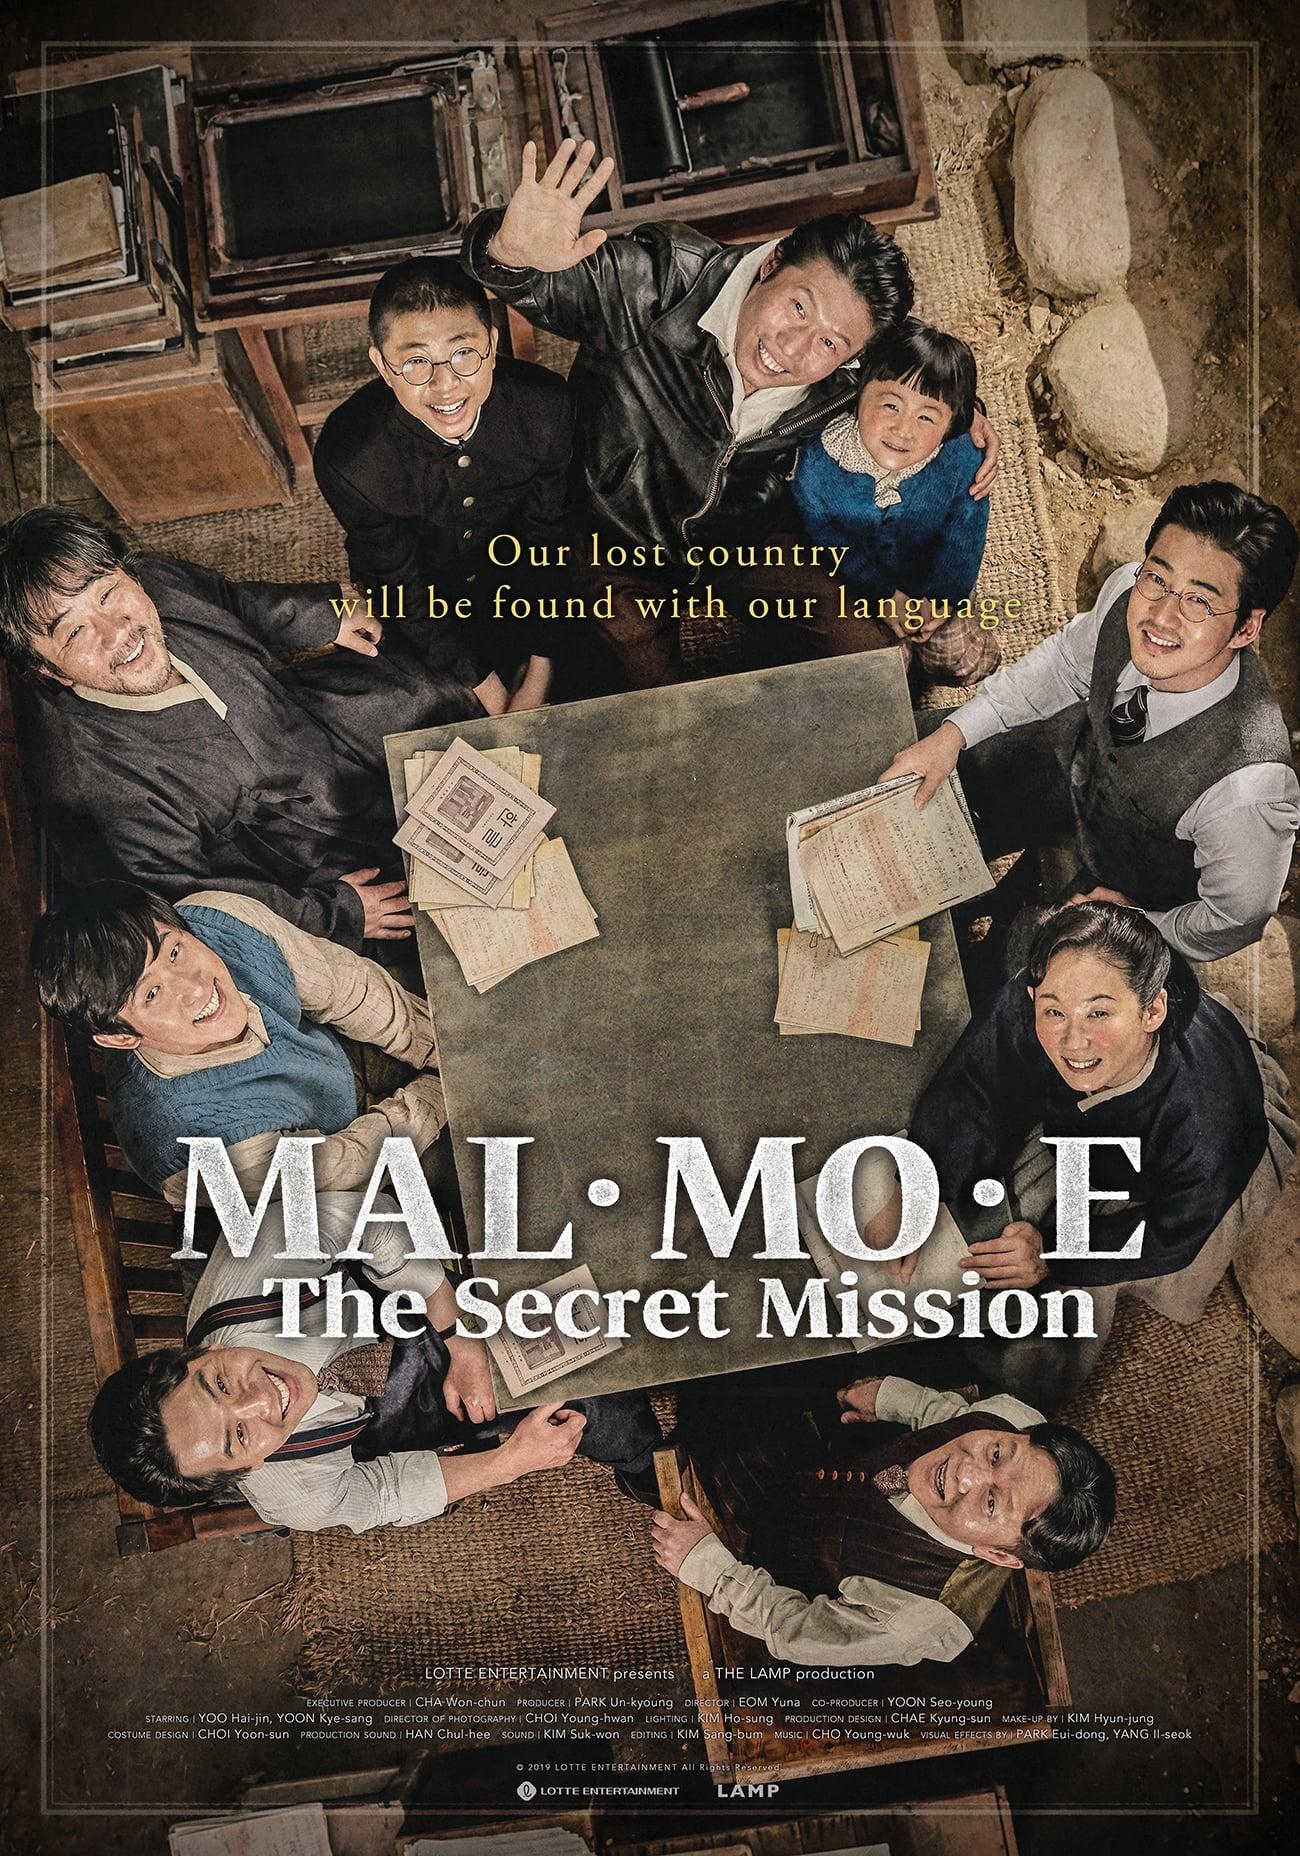 MAL·MO·E: The Secret Mission